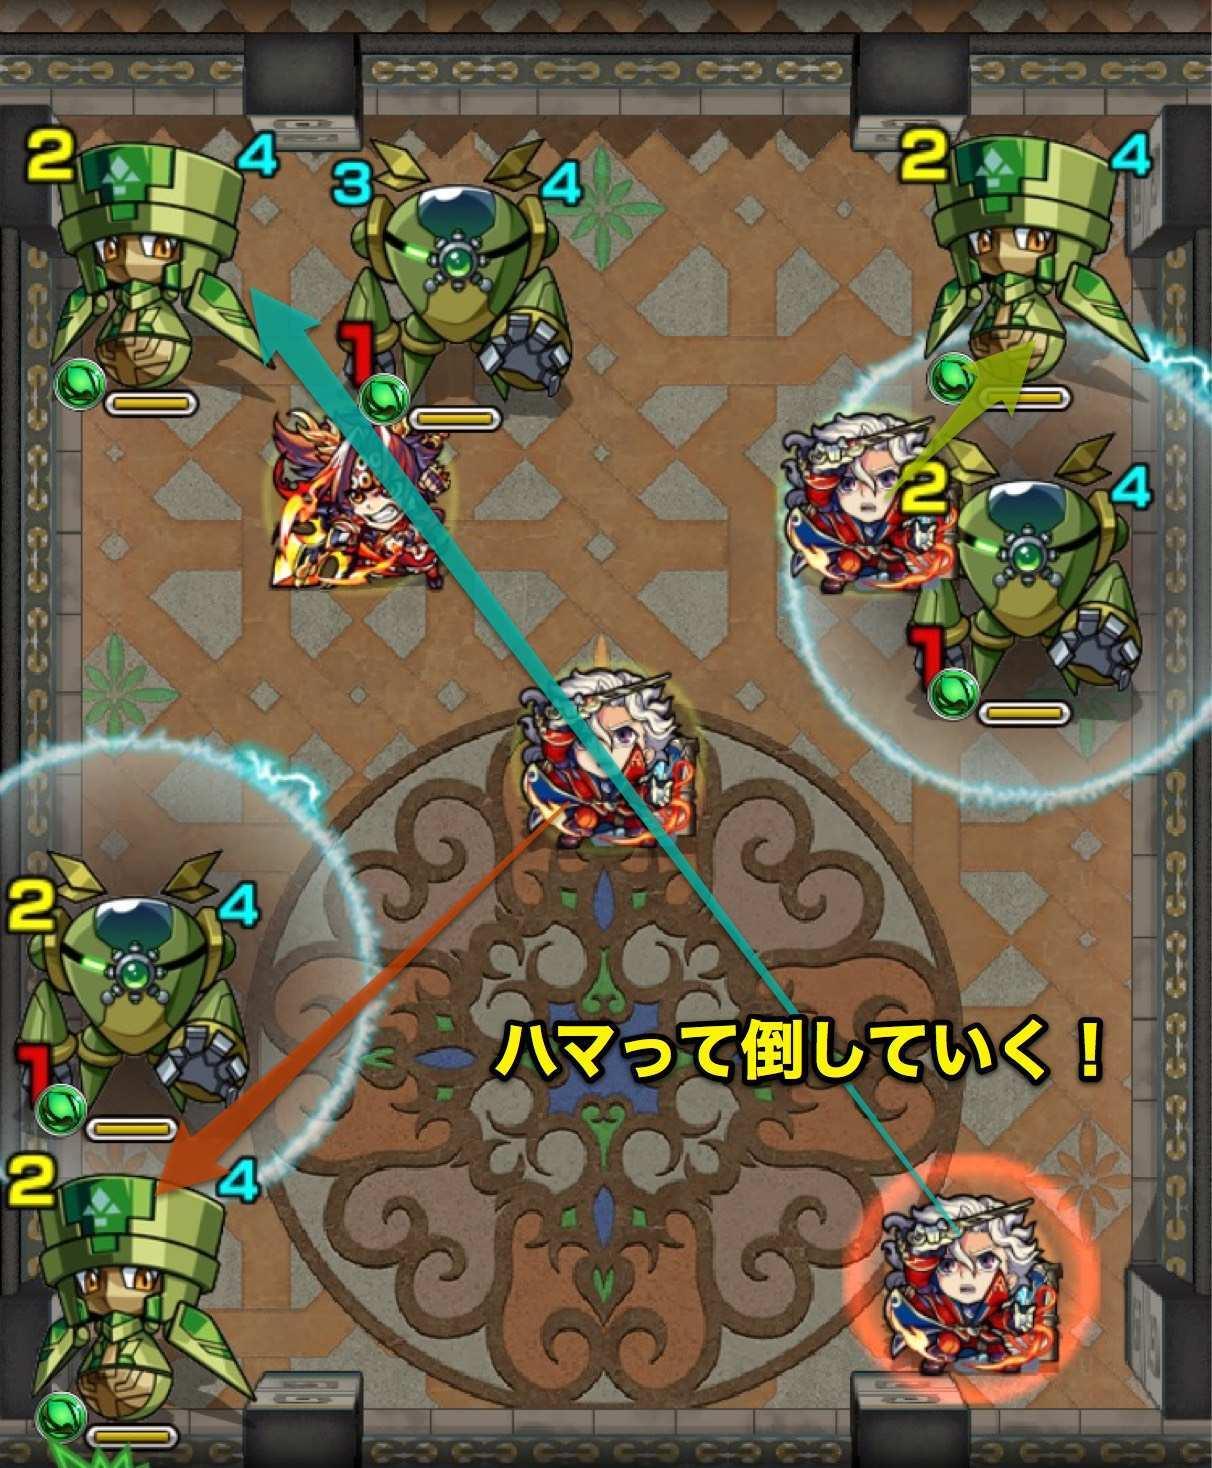 覇者の塔28階ステージ2.jpg